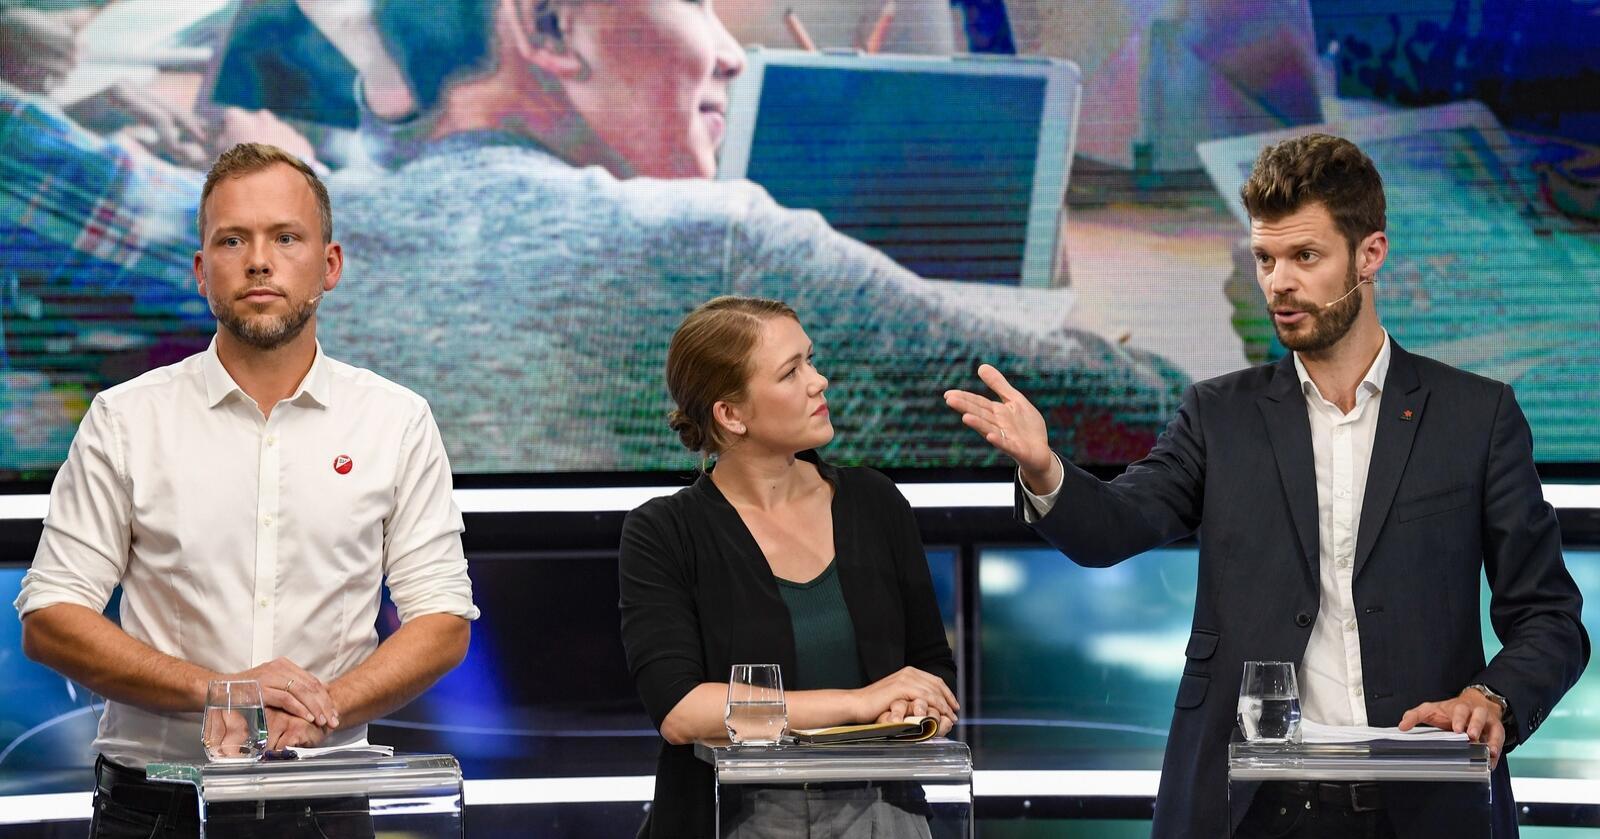 Skal Jonas Gahr Støre (Ap) og Trygve Slagsvold Vedum (Sp) få flertall på Stortinget, viser Nationens junimåling at de vil bli avhengig av enten SV, MDG eller Rødt. Foto: Marit Hommedal / NTB